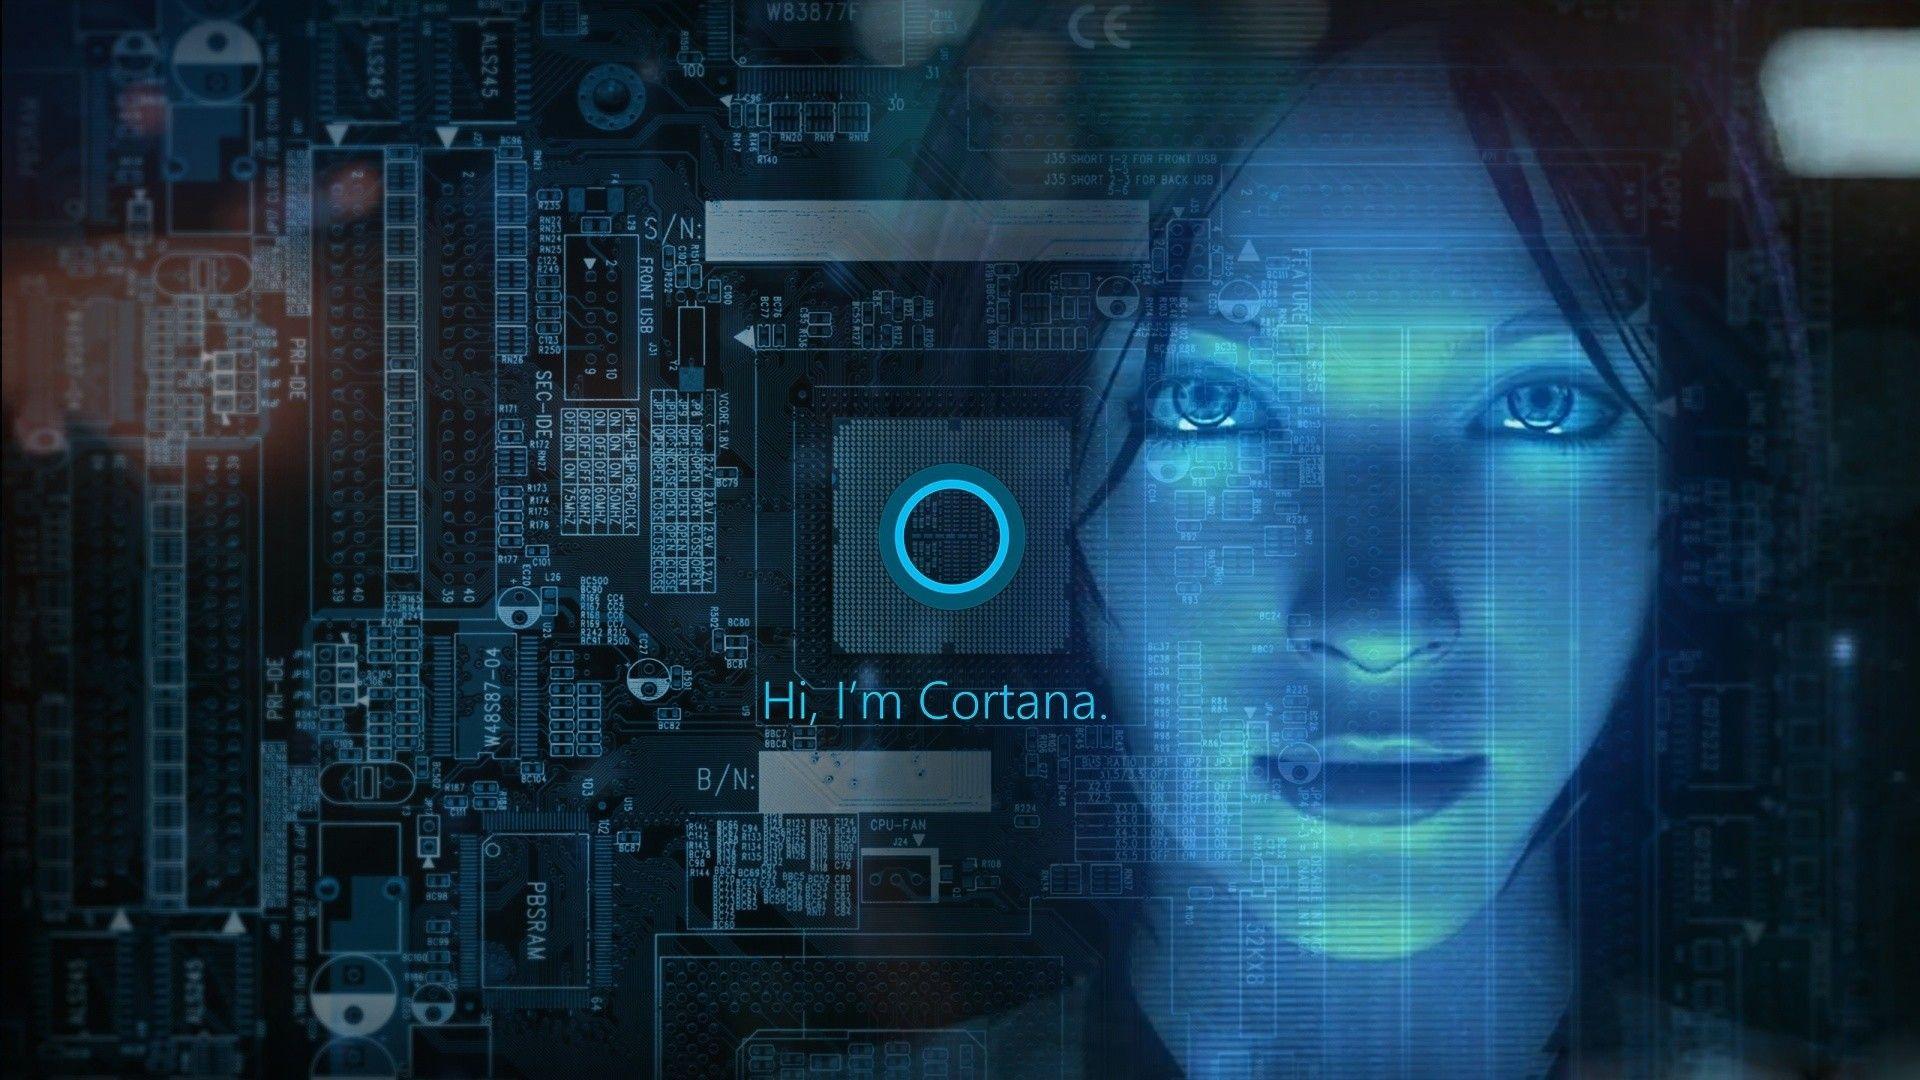 Luxury Dynamic Wallpaper For Windows 10 Wallpaper Windows 10 Windows Wallpaper Microsoft Cortana